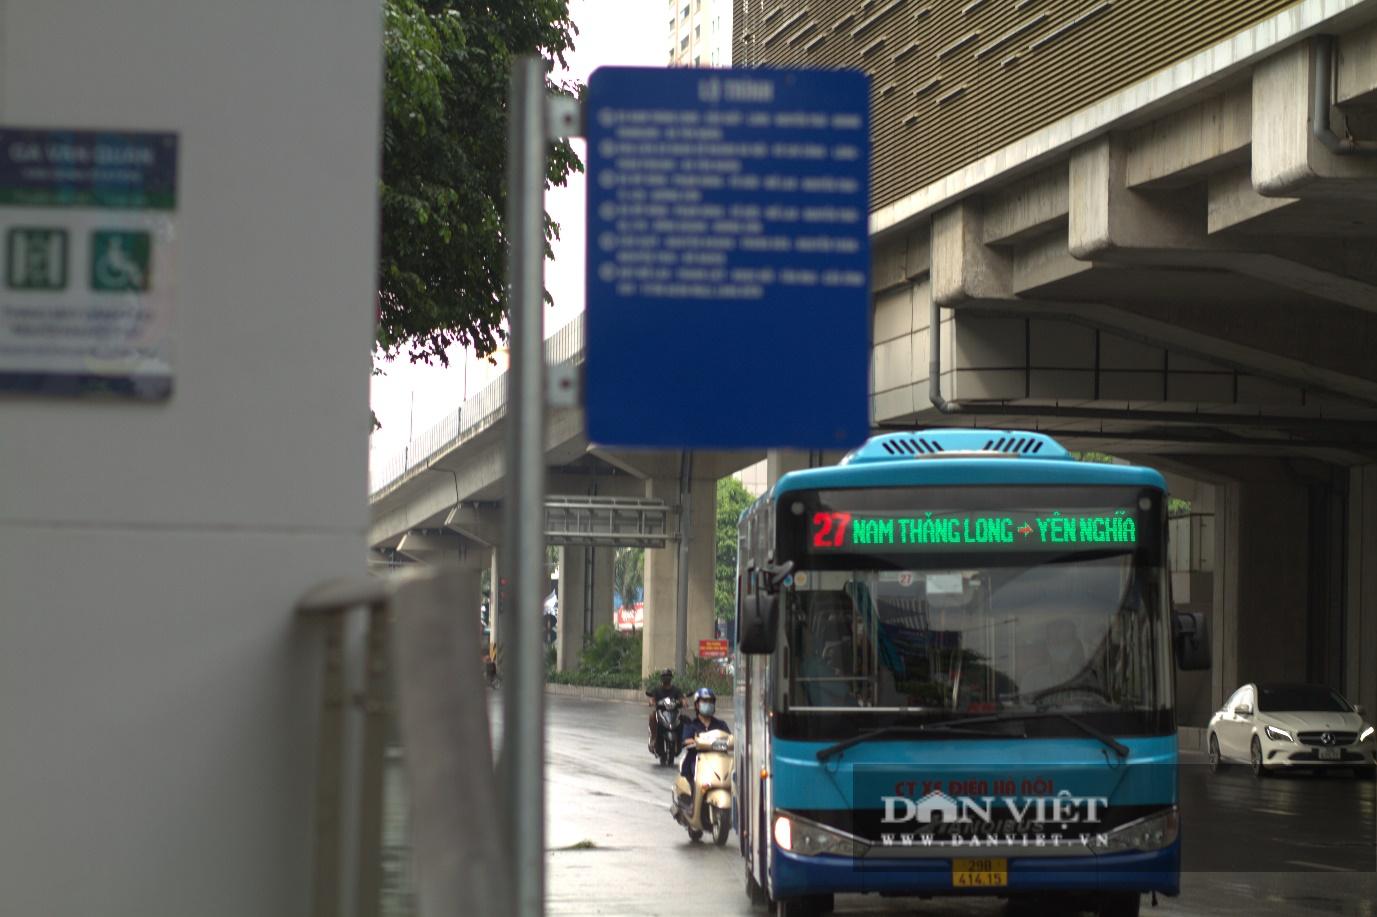 Hà Nội: Xe buýt, xe khách, taxi sẵn sàng hoạt động trở lại - Ảnh 1.